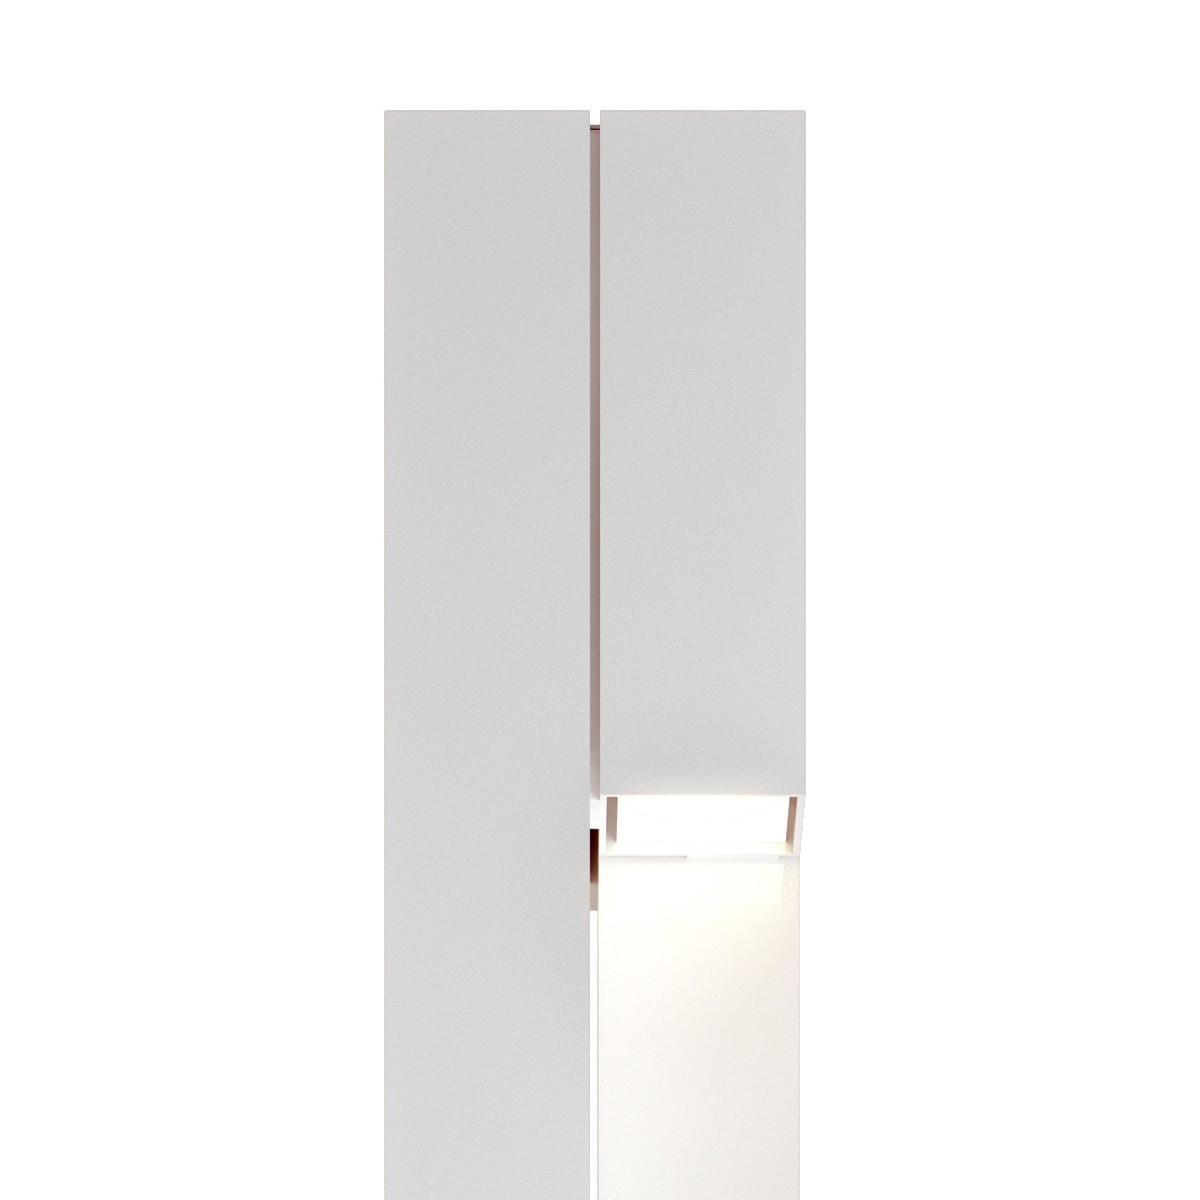 Estiluz Duo vloerlamp